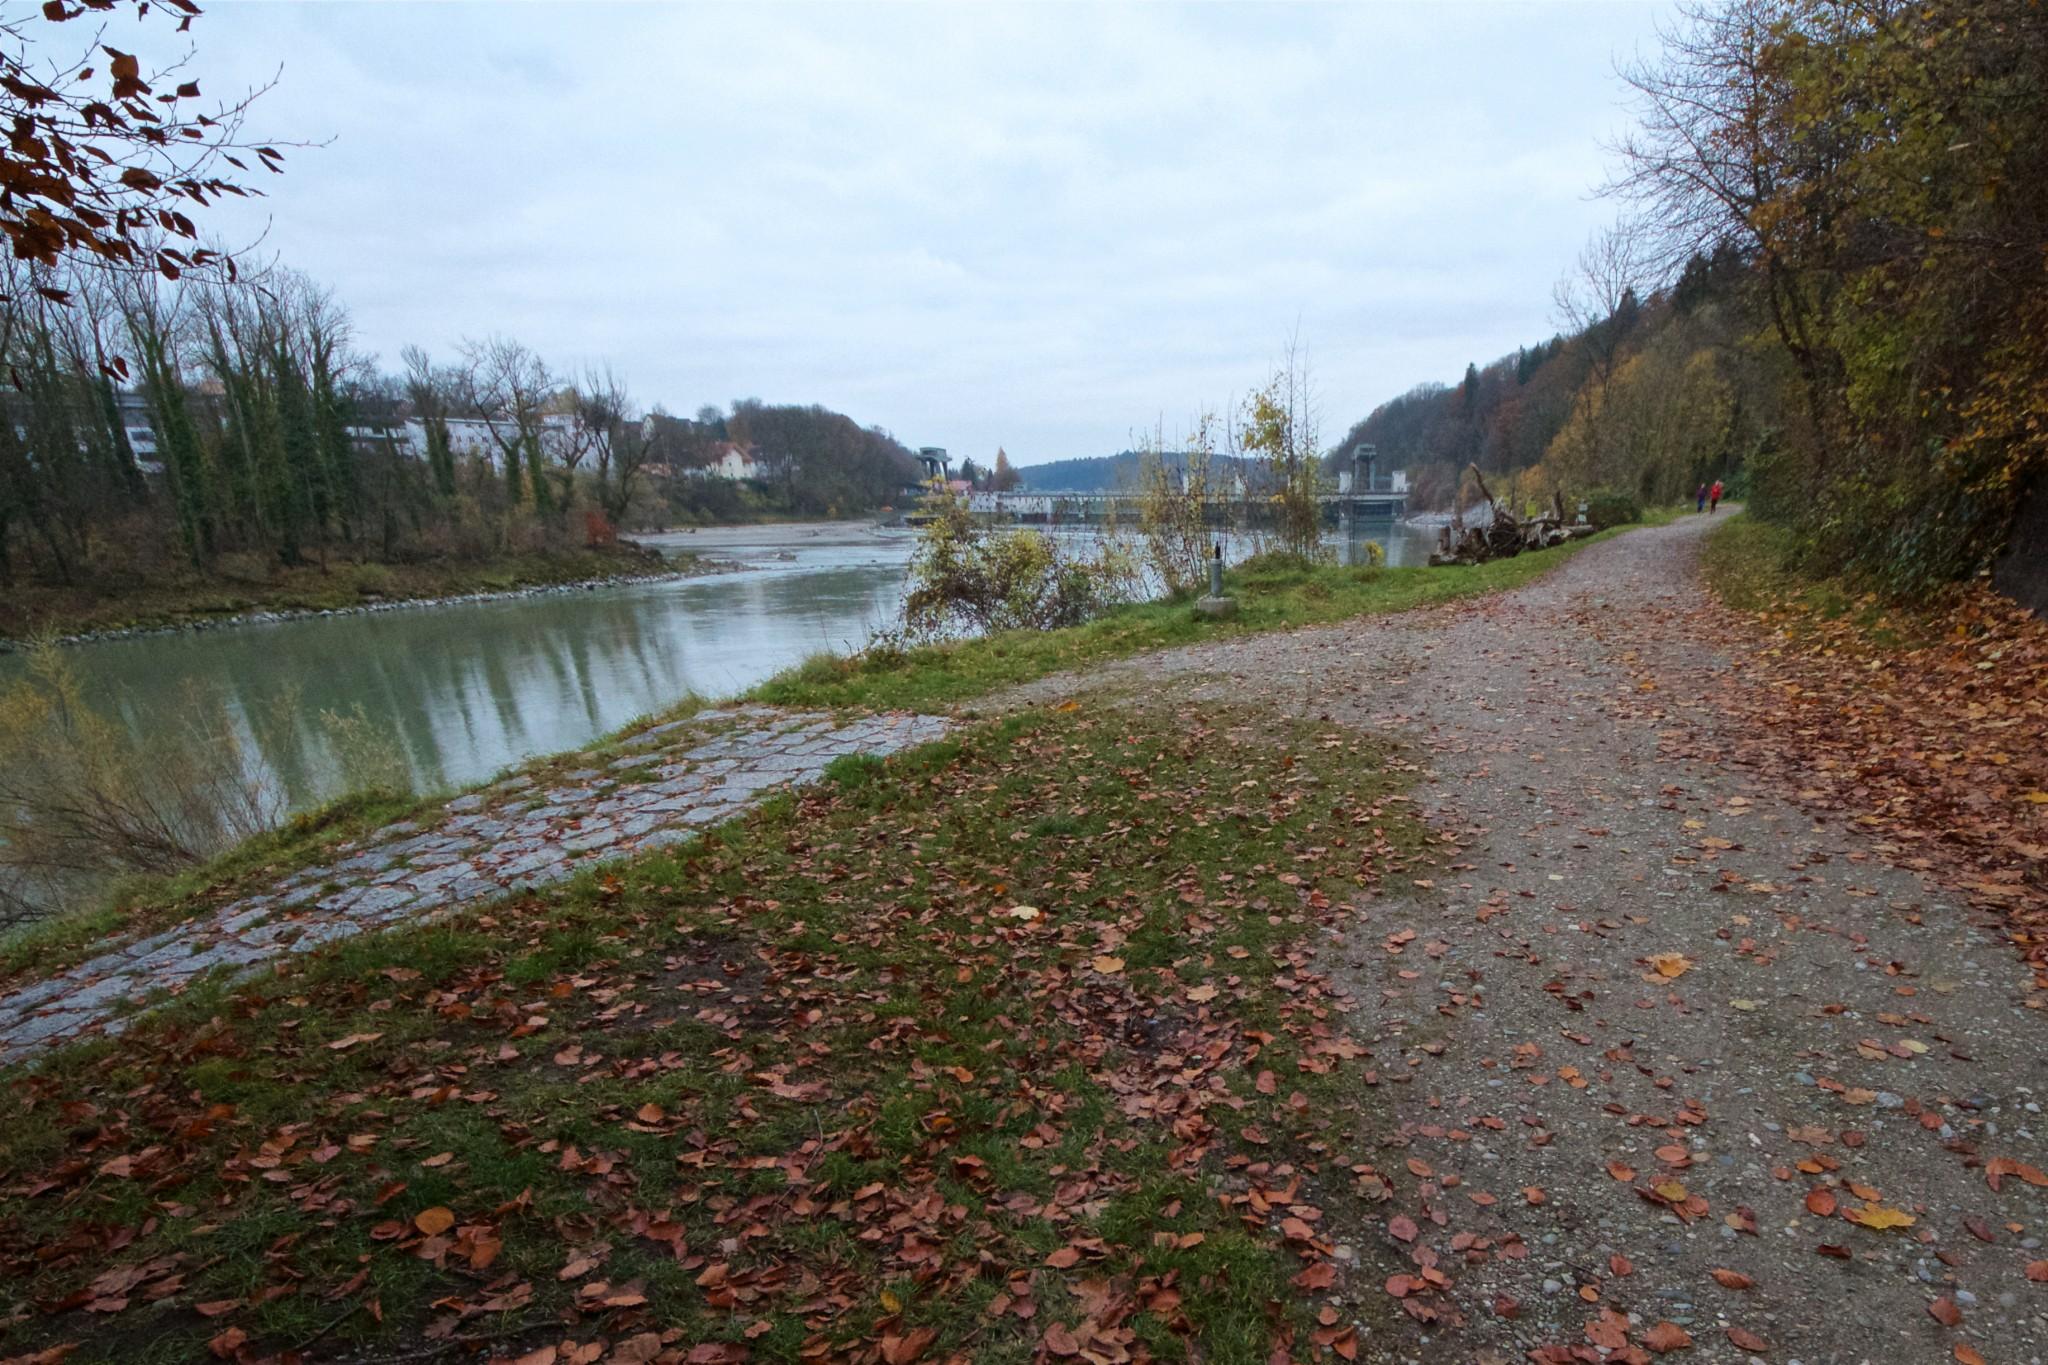 Kraftwerk Wasserburg mit Streckenverlauf als Gehweg